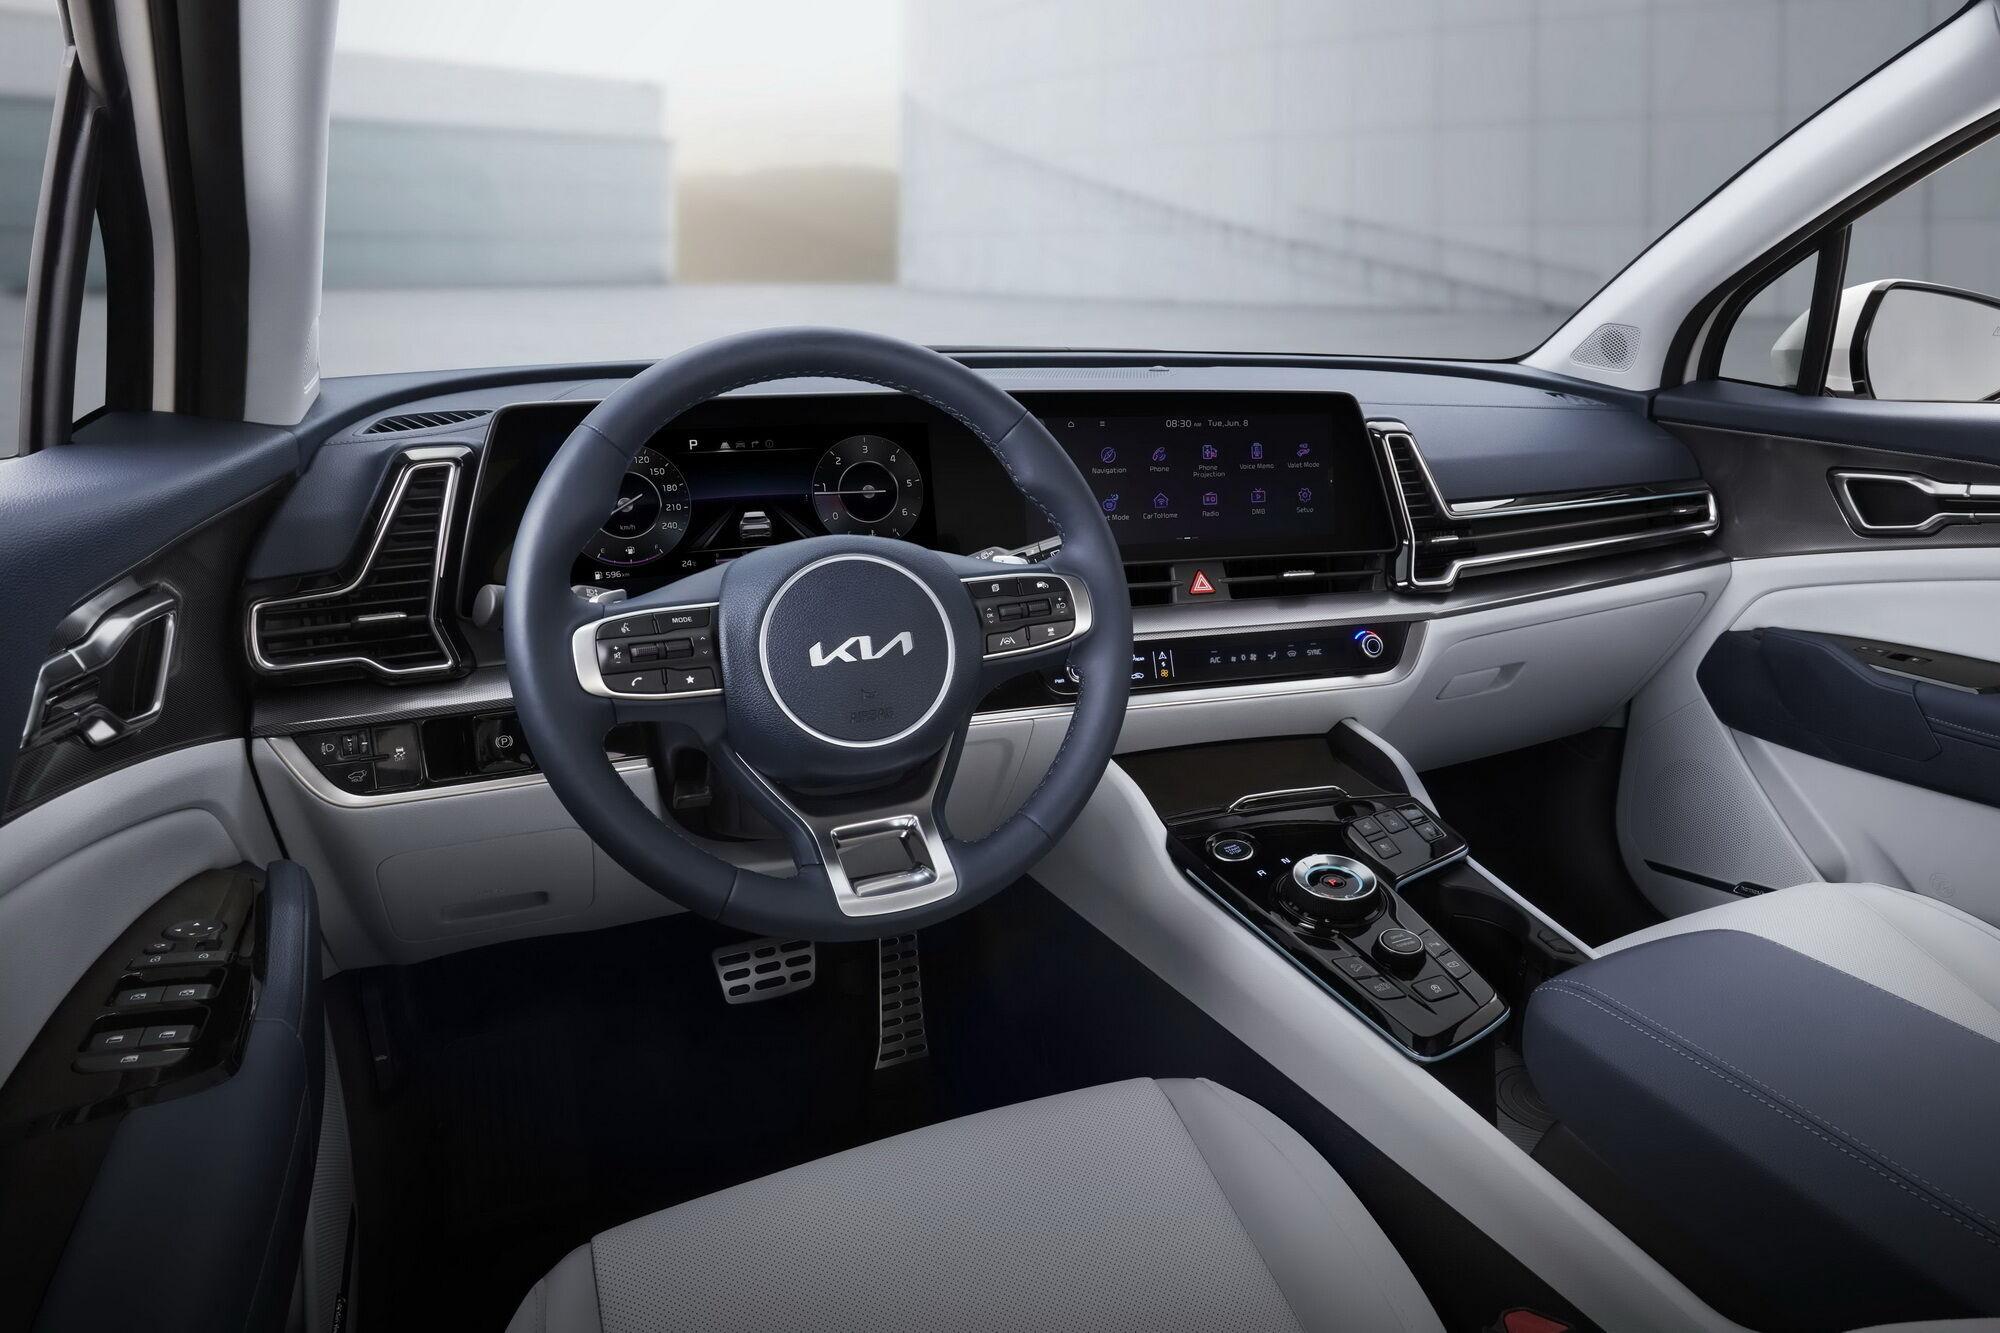 Перед водителем располагается цифровой кокпит с двумя 12,3-дюймовыми дисплеями